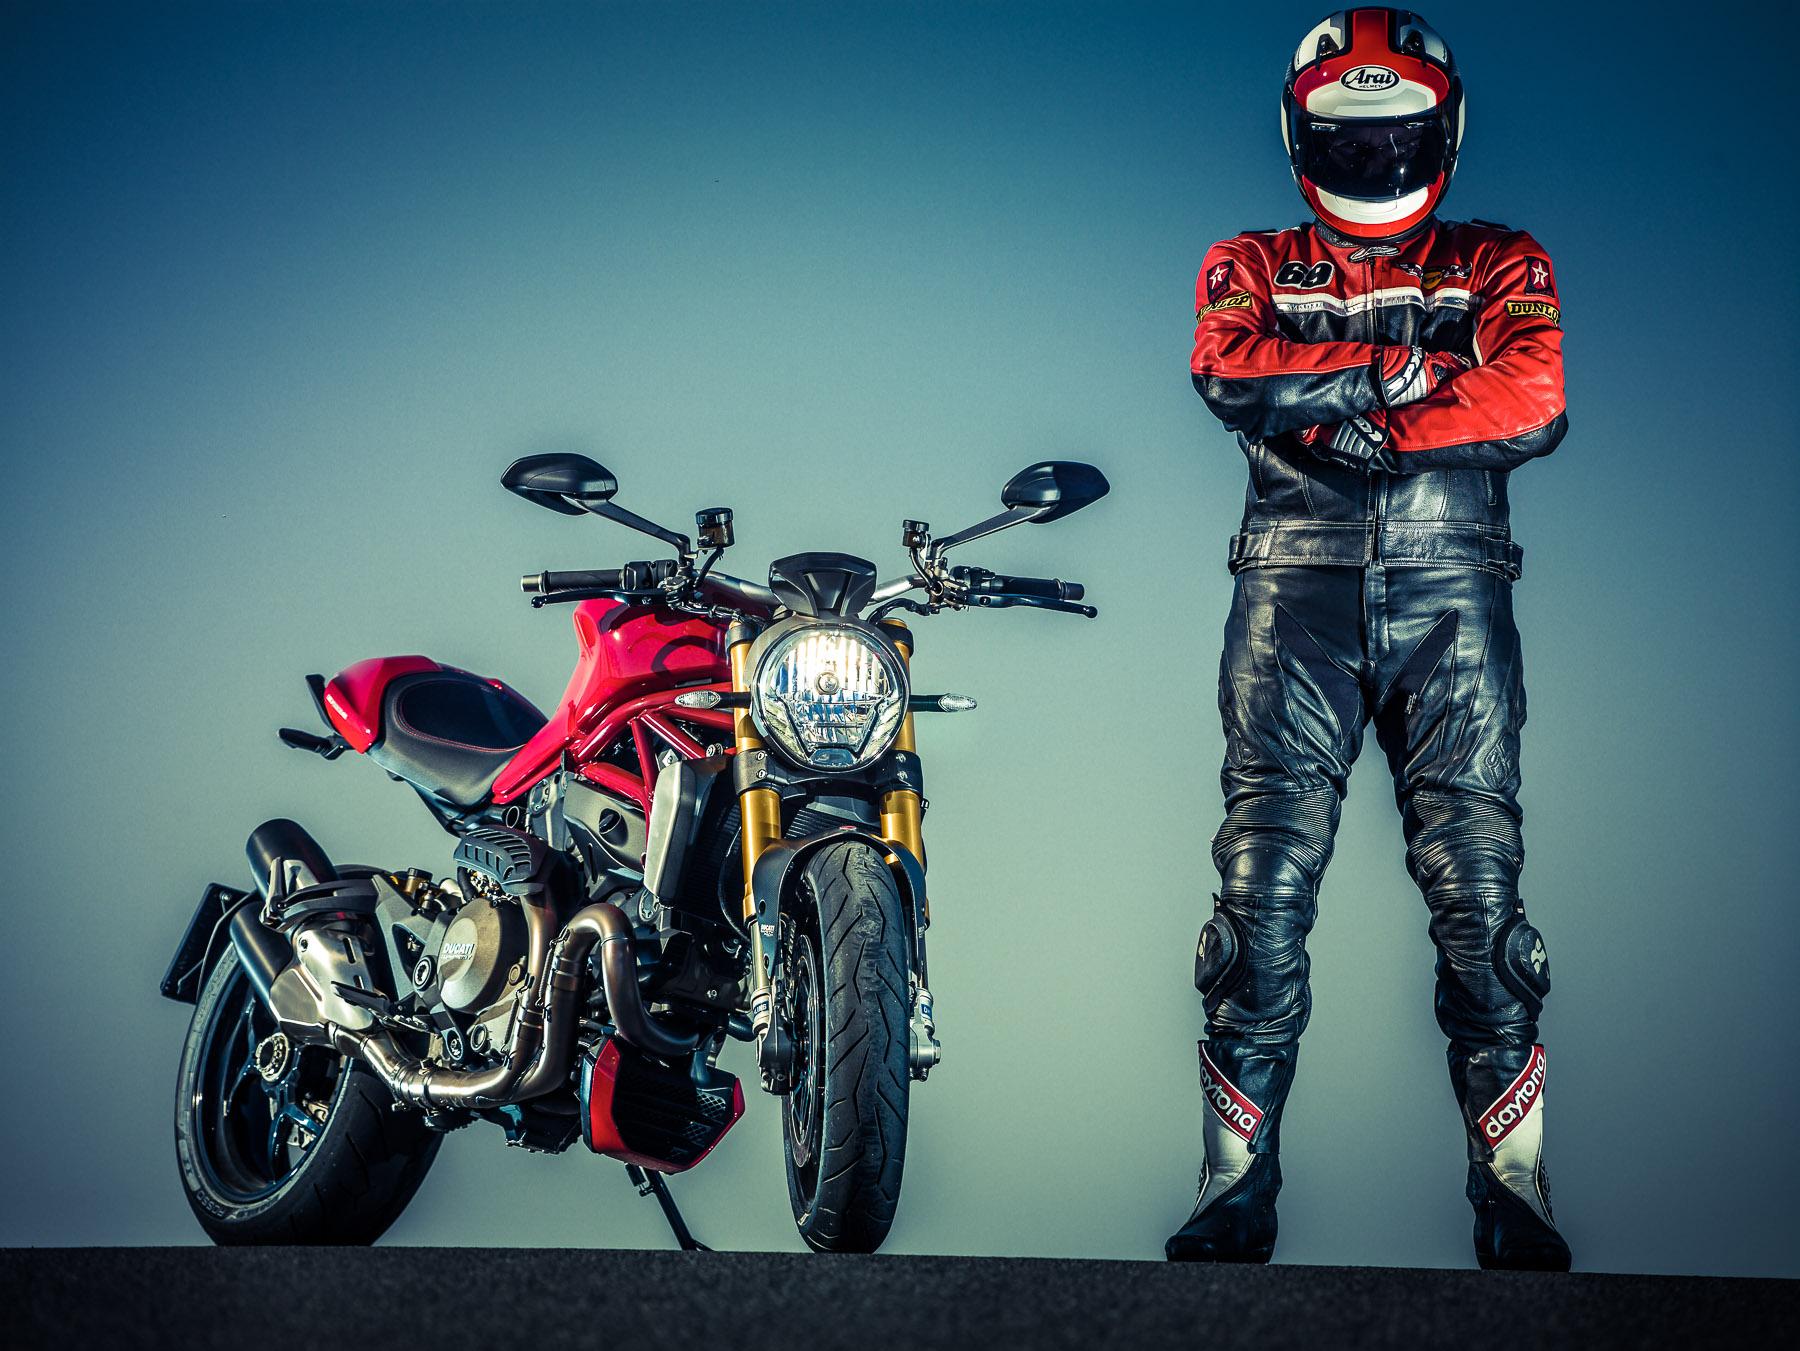 DucatiMonster1200s 36.jpg